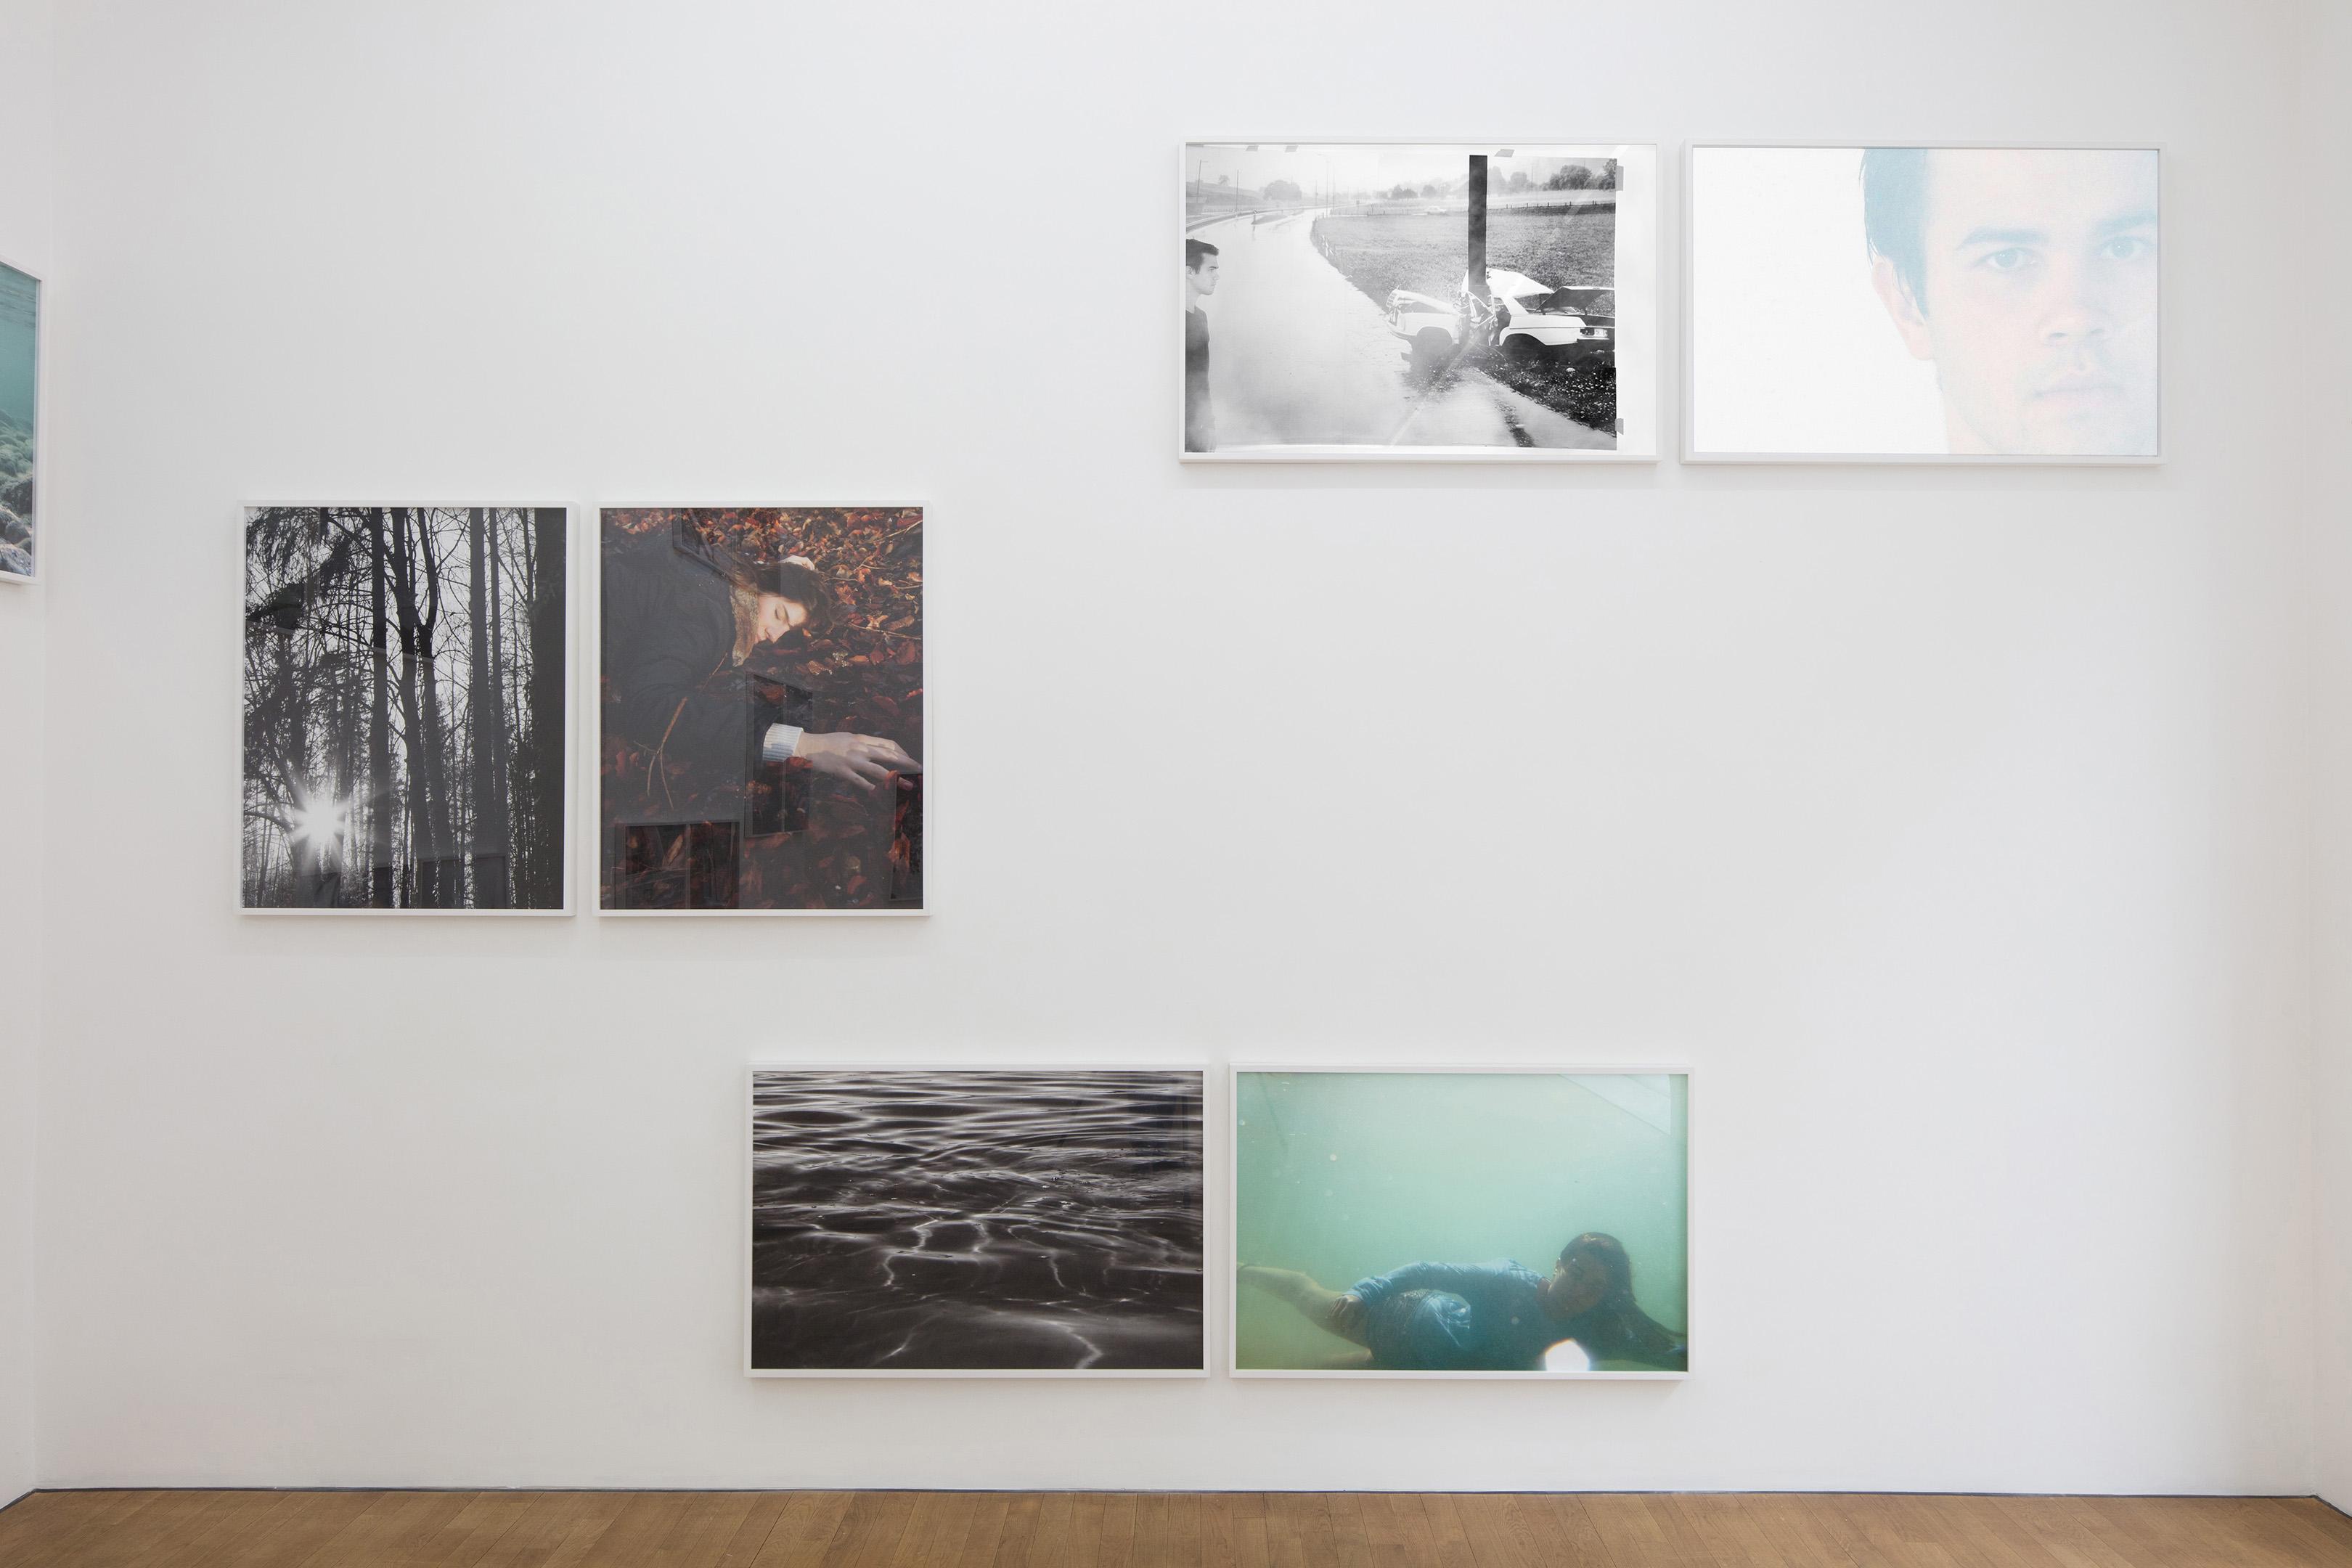 Instalationshot: Barbara Probst, 12 Moments, at Kuckei und Kuckei, Berlin, April 2017